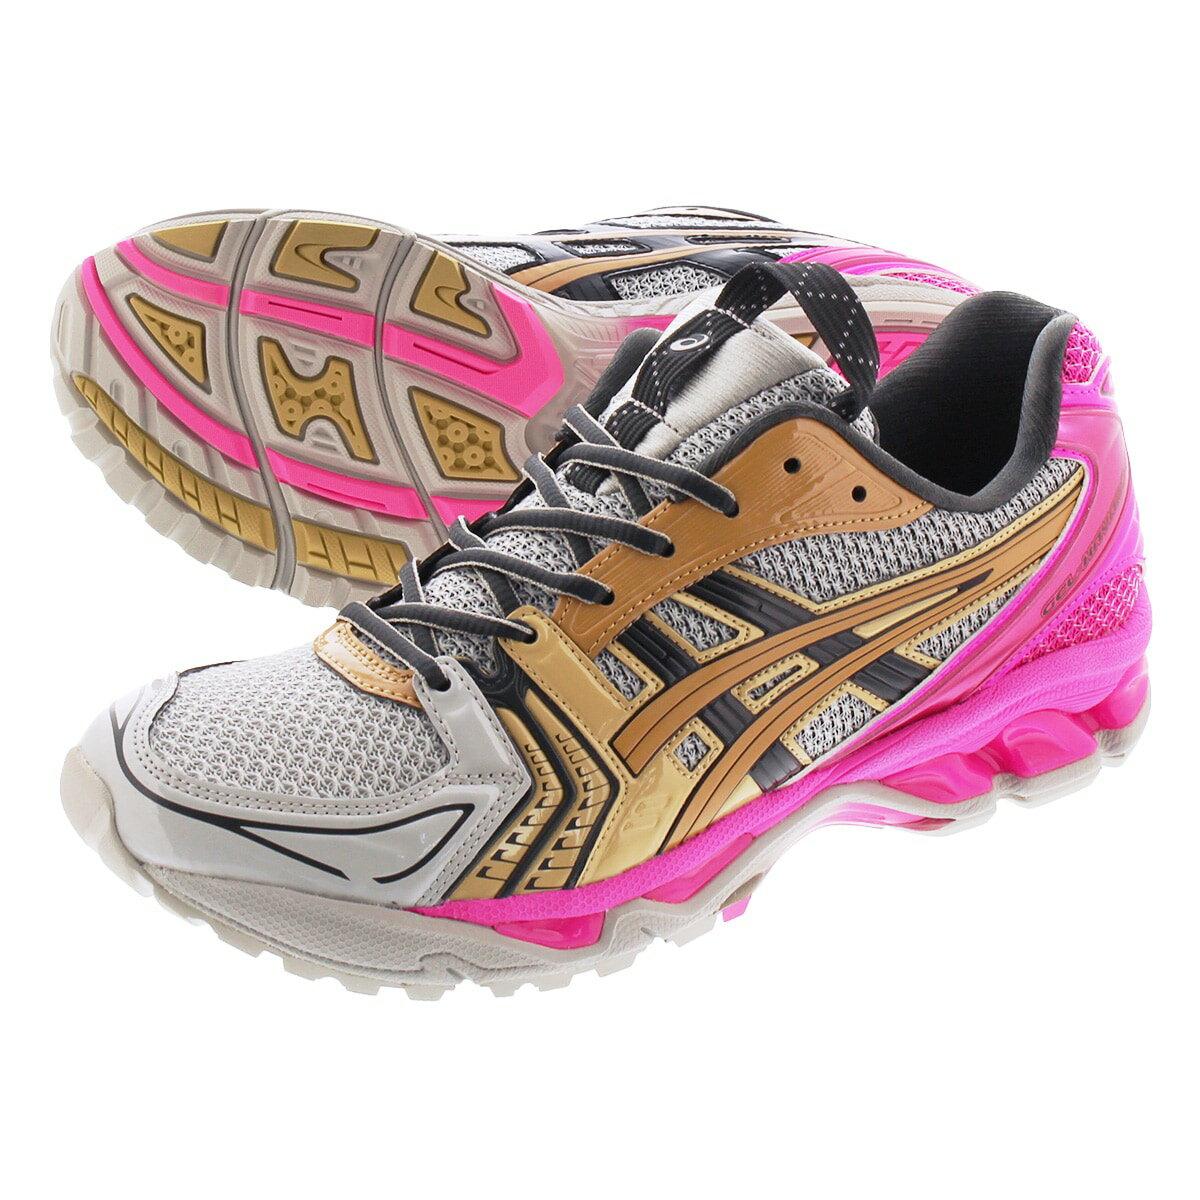 メンズ靴, スニーカー ASICS SPORTSTYLE UB1-S GEL-KAYANO 14 KIKO KOSTADINOV 1 14 OYSTER GREYPINK GLO 1202a127-021